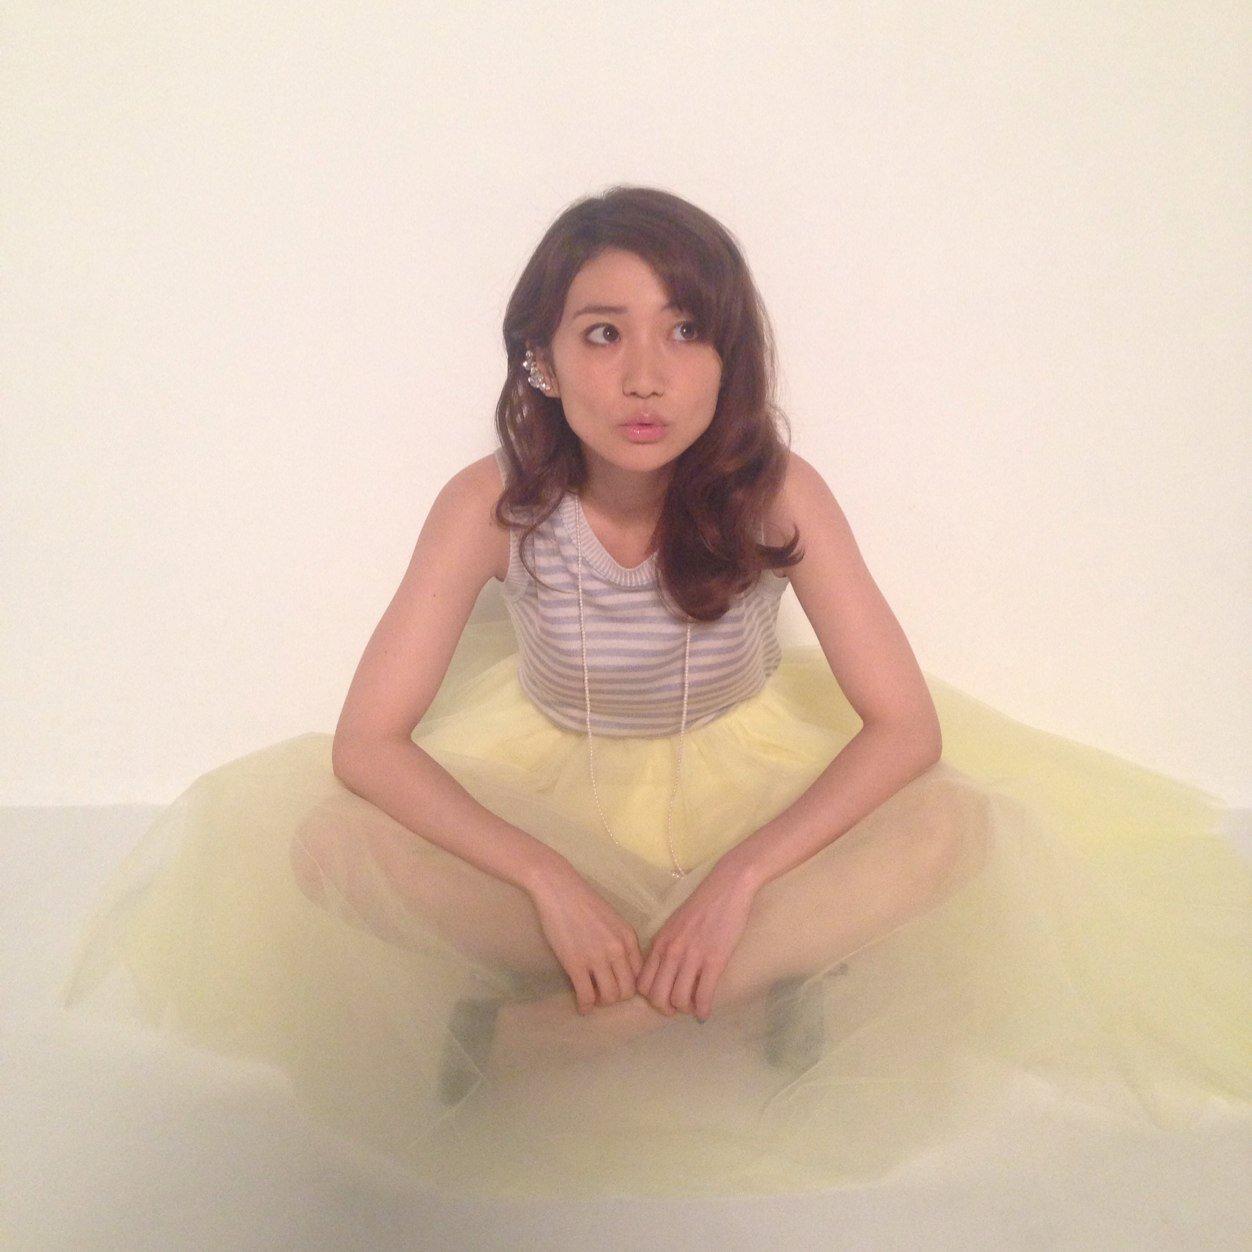 毎度お騒がせします!!大島優子のドレス姿に報道も混沌!?のサムネイル画像